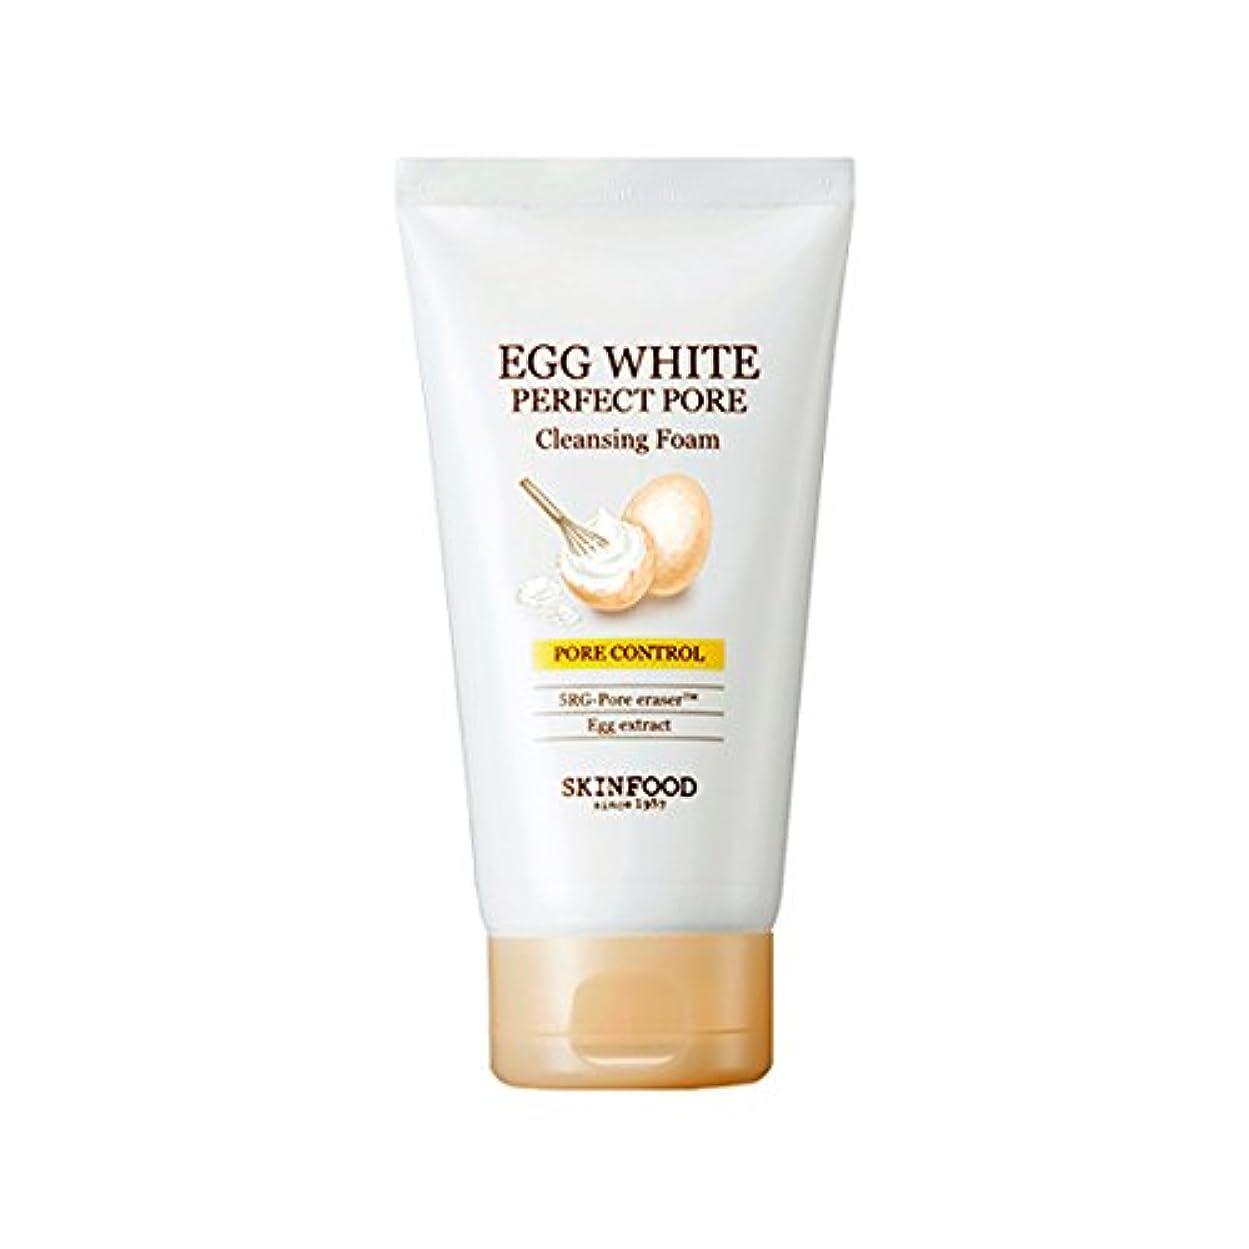 津波環境保護主義者パンサーSkinfood/Egg White Perfect Pore Cleansing Foam/エッグホワイトパーフェクトポアクレンジングフォーム/150ml [並行輸入品]